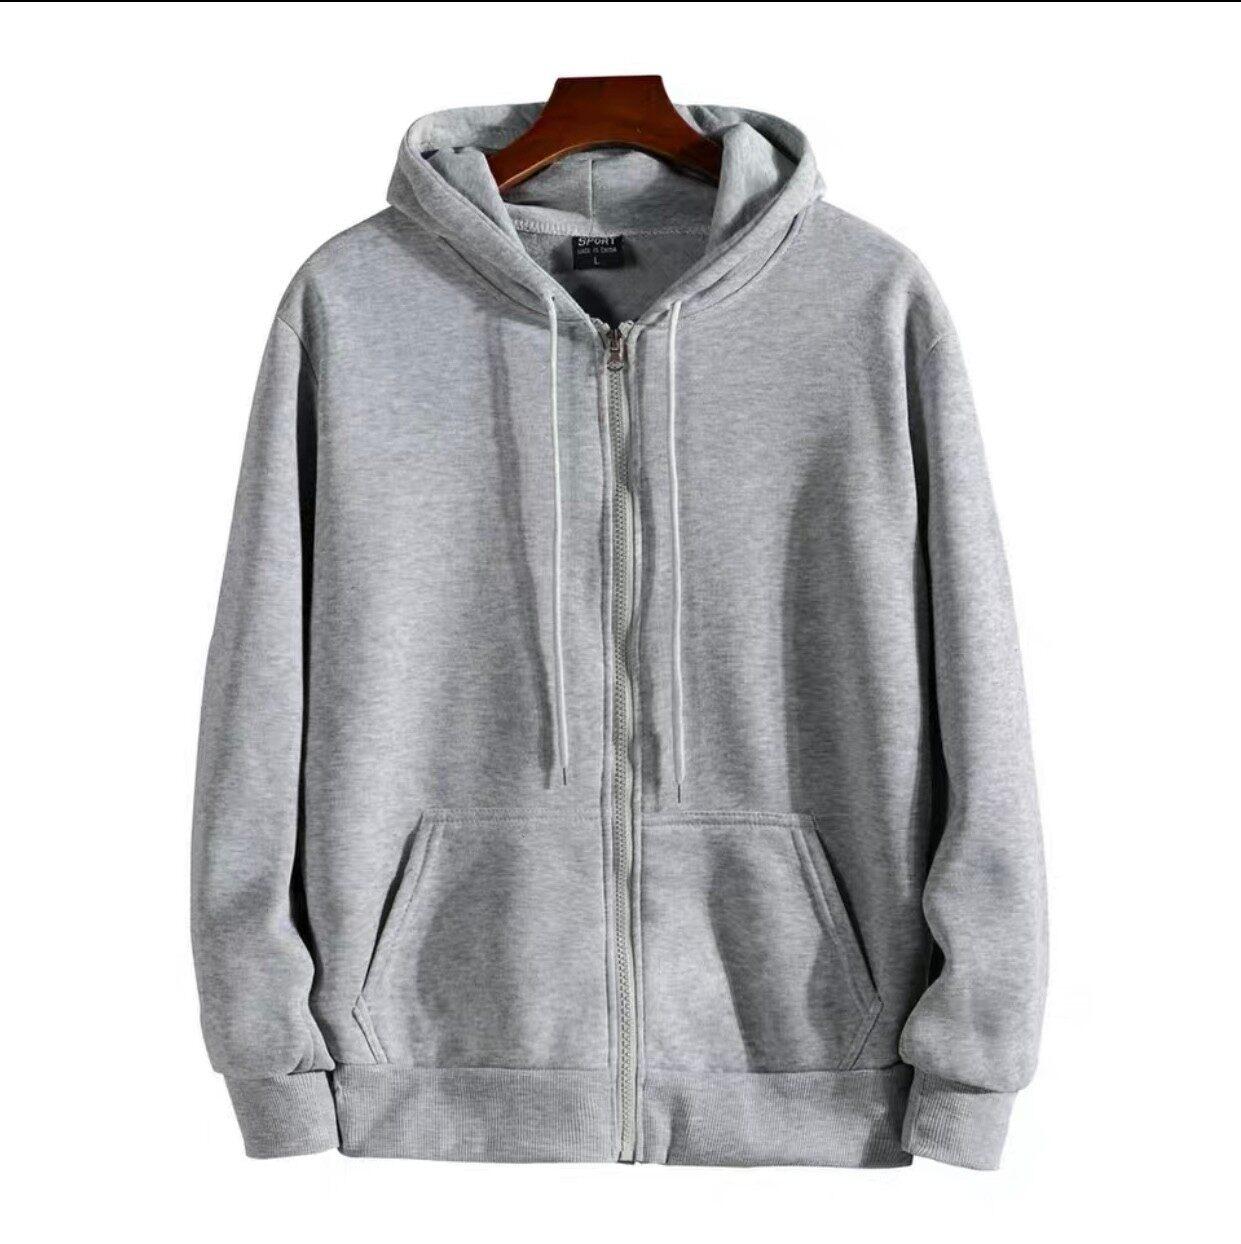 ? สินค้ามาใหม่ เสื้อแจ็คเก็ตมีฮู้ด ผ้าสำลีกันหนาวได้ งานสวยตัดเย็บเนี๊ยบๆ (จ่ายเงินปลายทางได้).